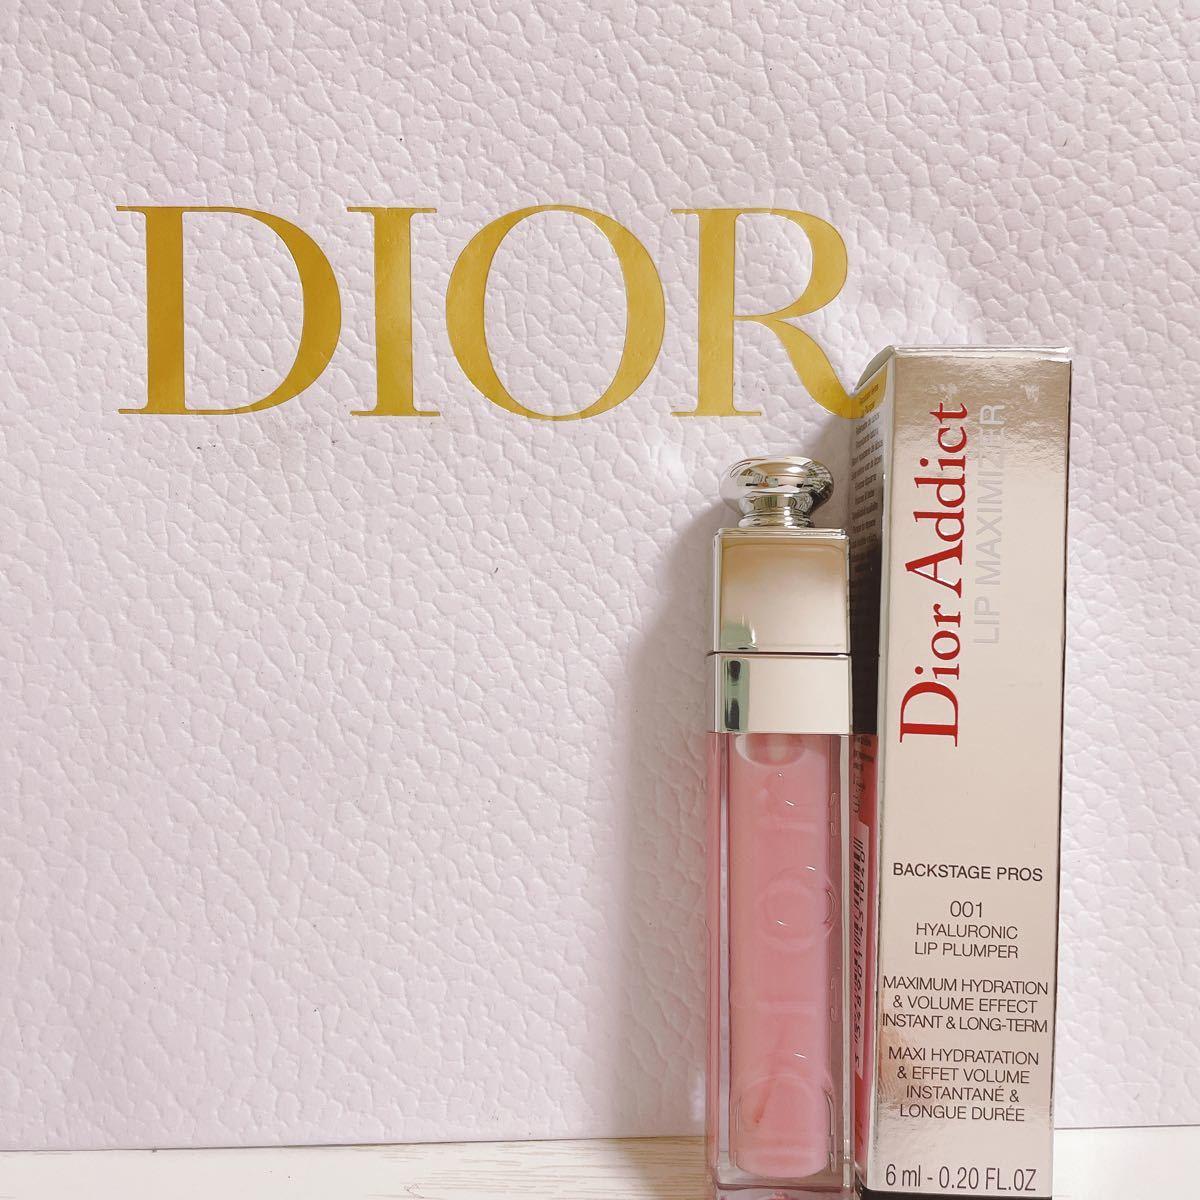 Dior マキシマイザー リップグロス アディクトリップマキシマイザー 001 ピンク